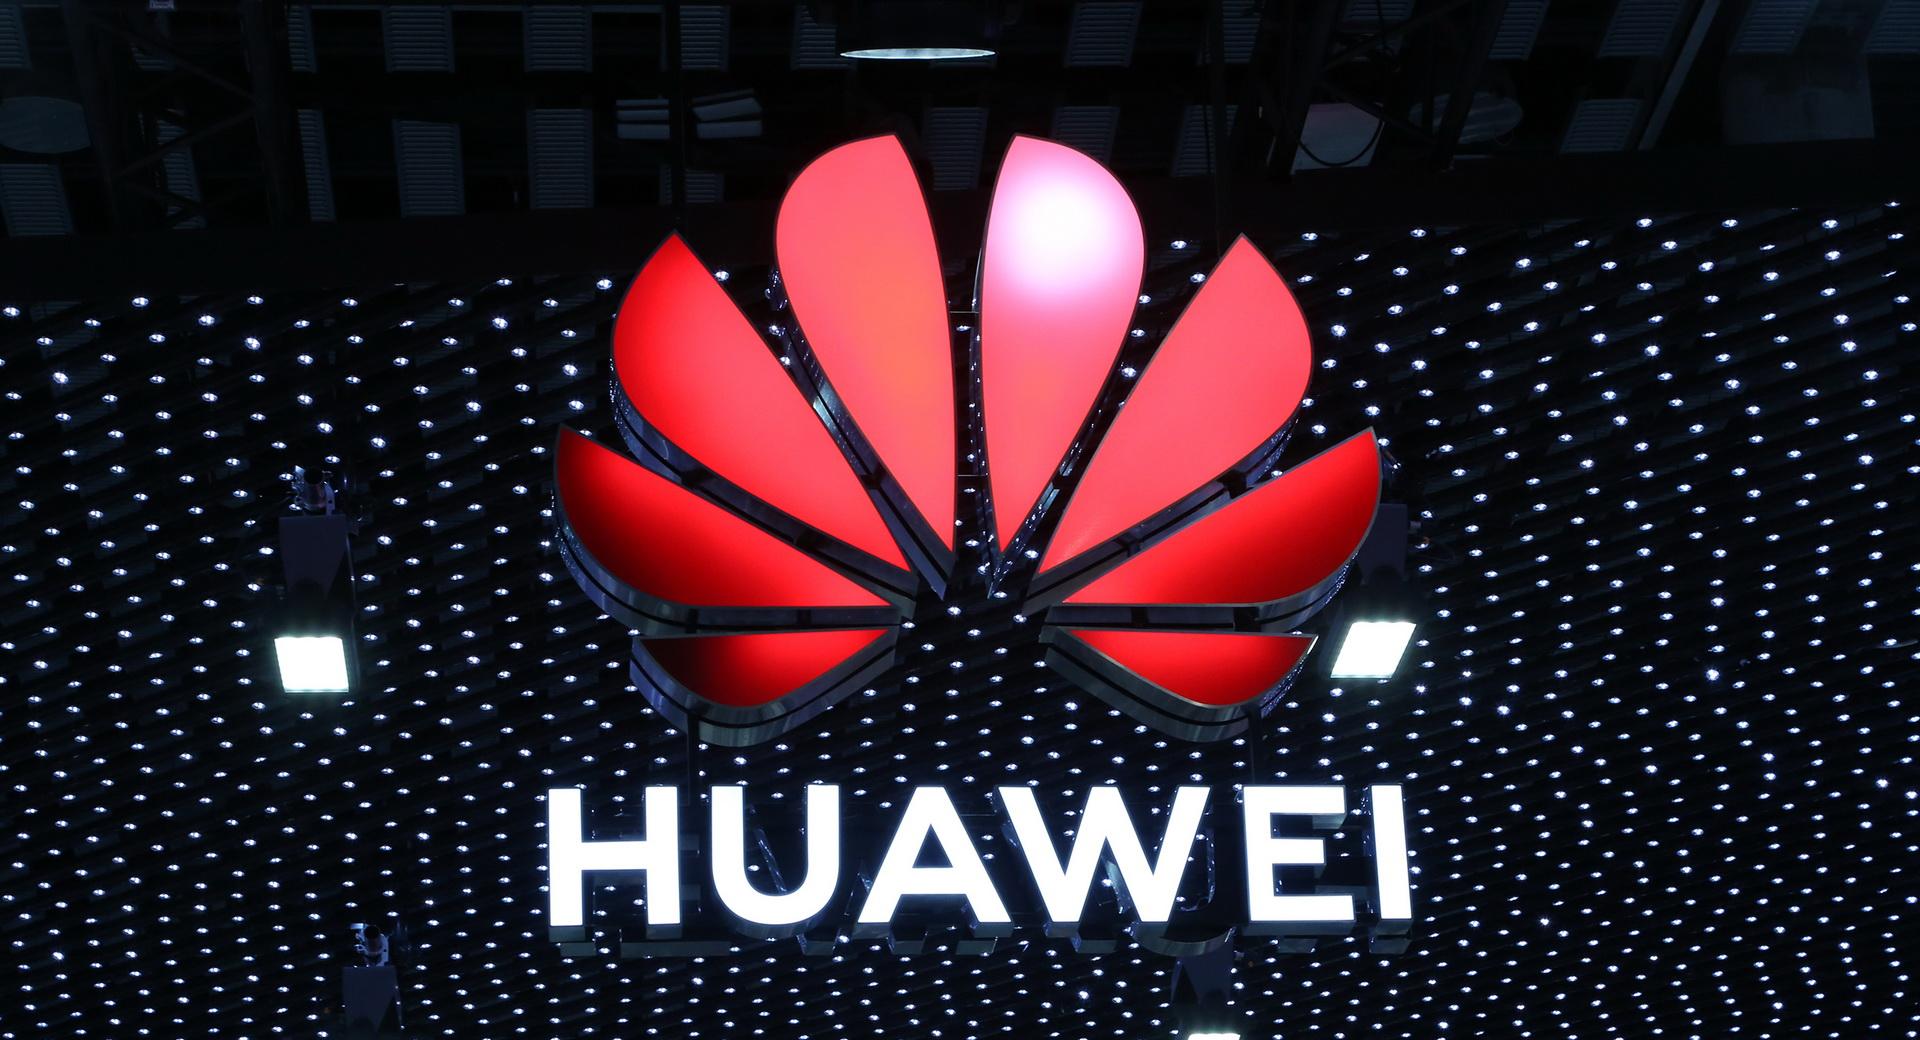 Η Huawei επενδύει 1 δισ. δολάρια στην έρευνα και ανάπτυξη ηλεκτρικών αυτοκινήτων